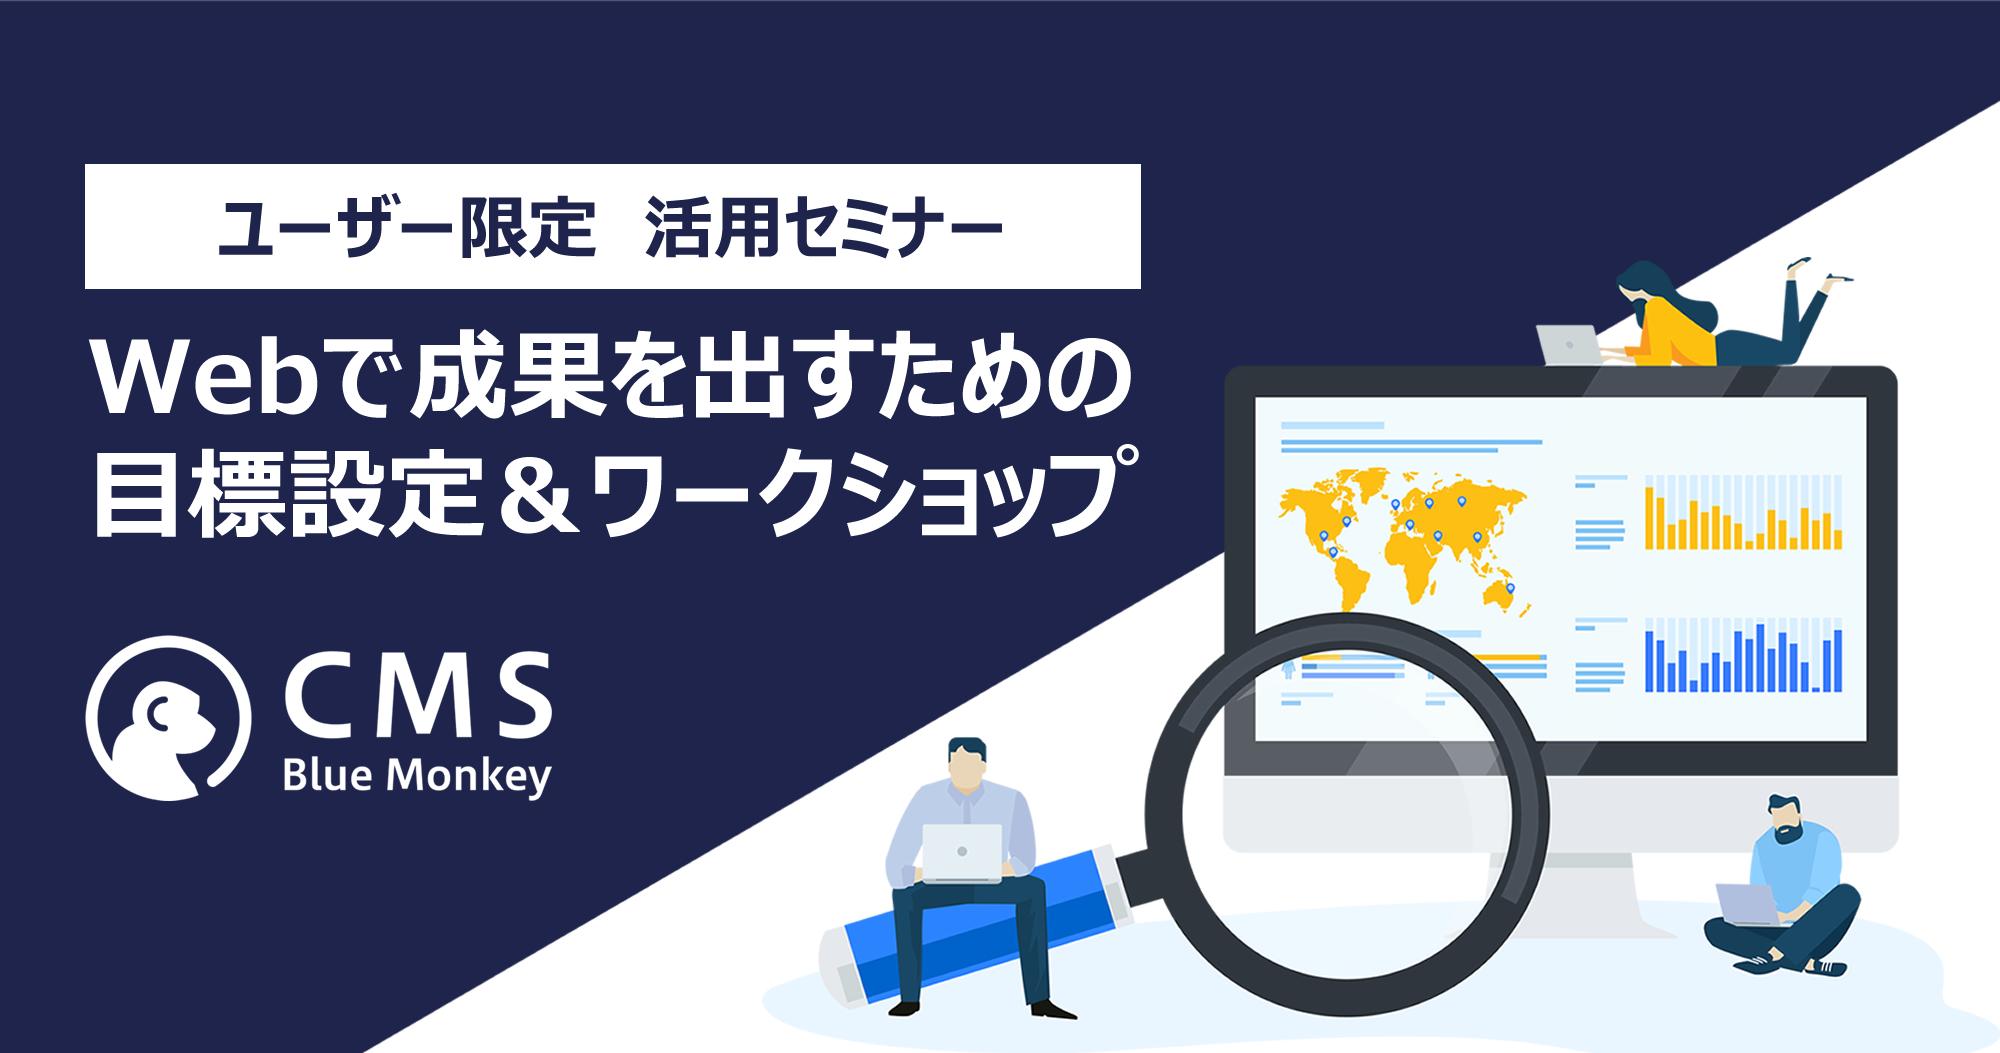 【2月26日(水)】今日から始めるWebサイトを更新するためのCMS操作勉強会